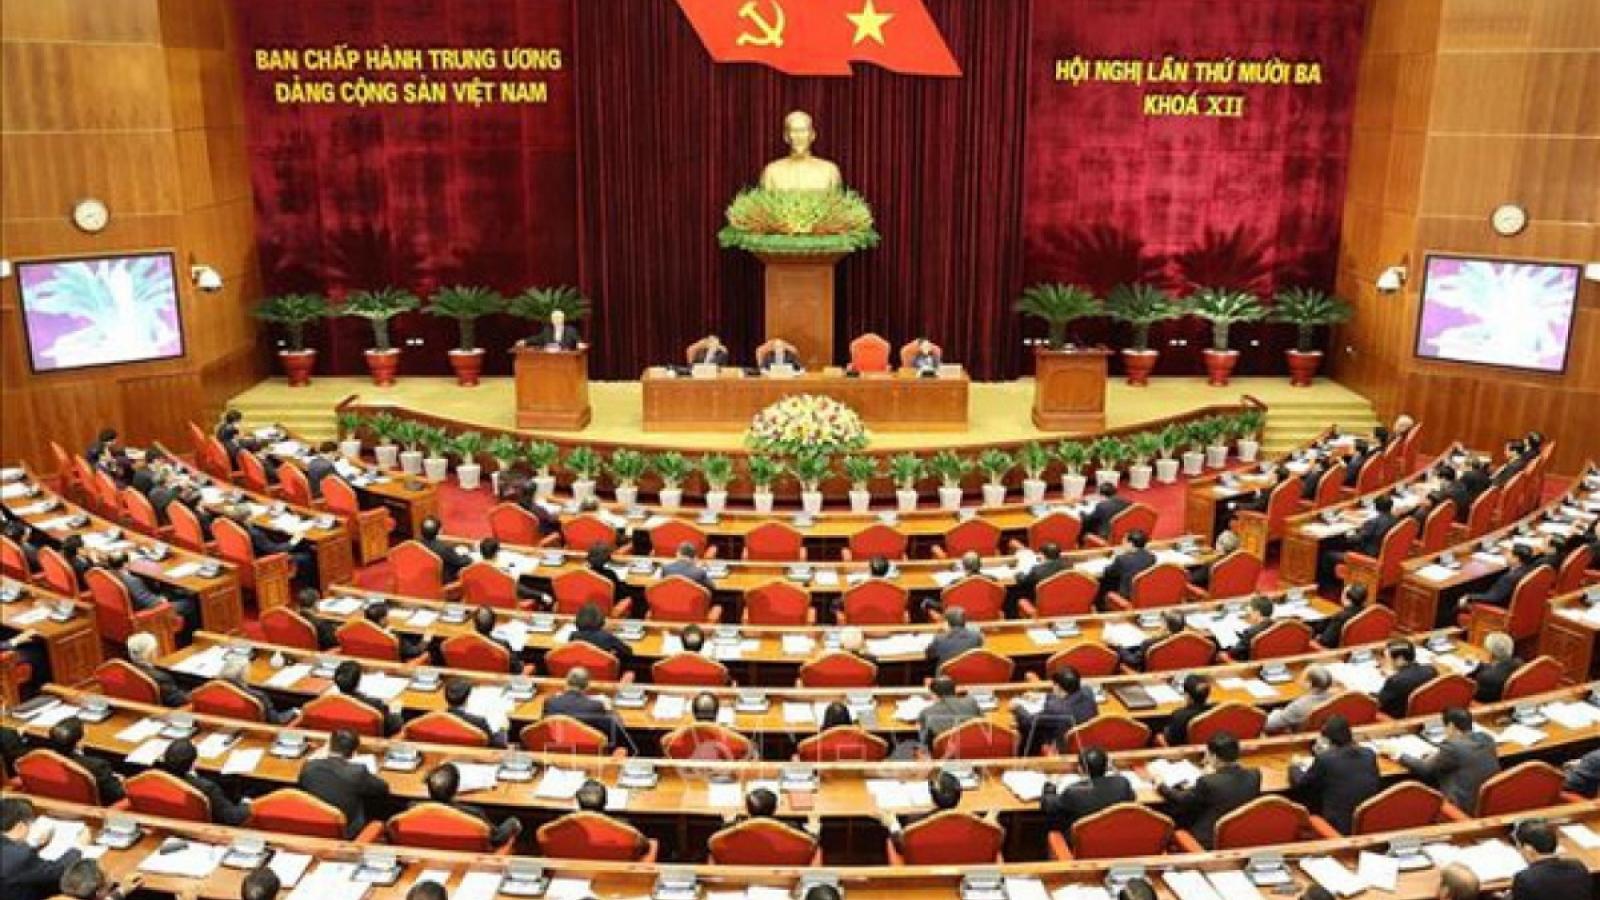 Lịch trình ngày làm việc thứ 2 Hội nghị lần thứ 14 BCH Trung ương Đảng khoá XII